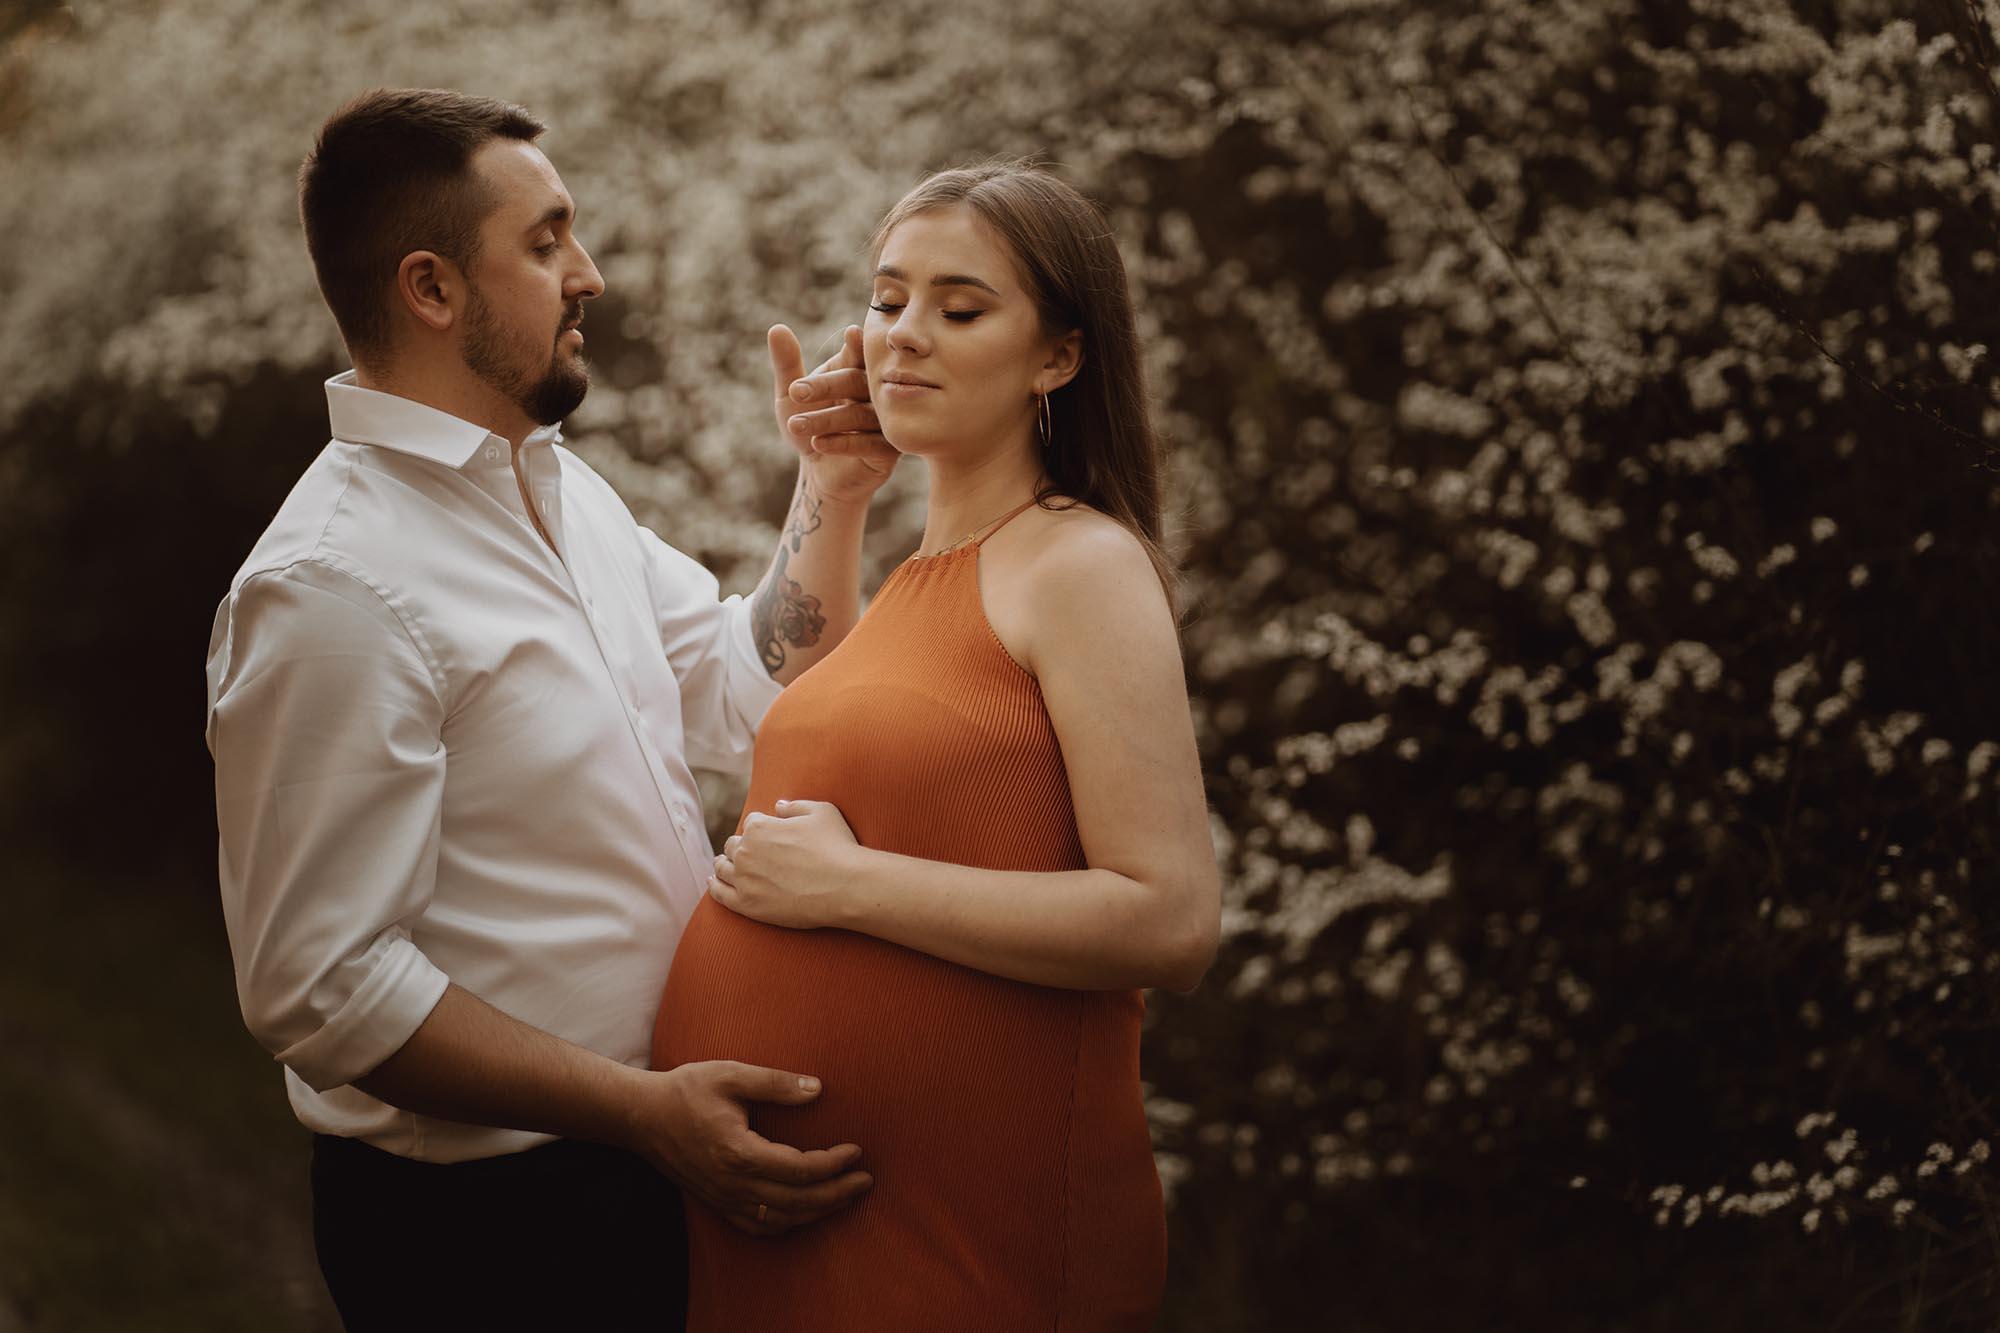 Wiosenna sesja ciazowa kielce00015 - Wiosenna sesja ciążowa